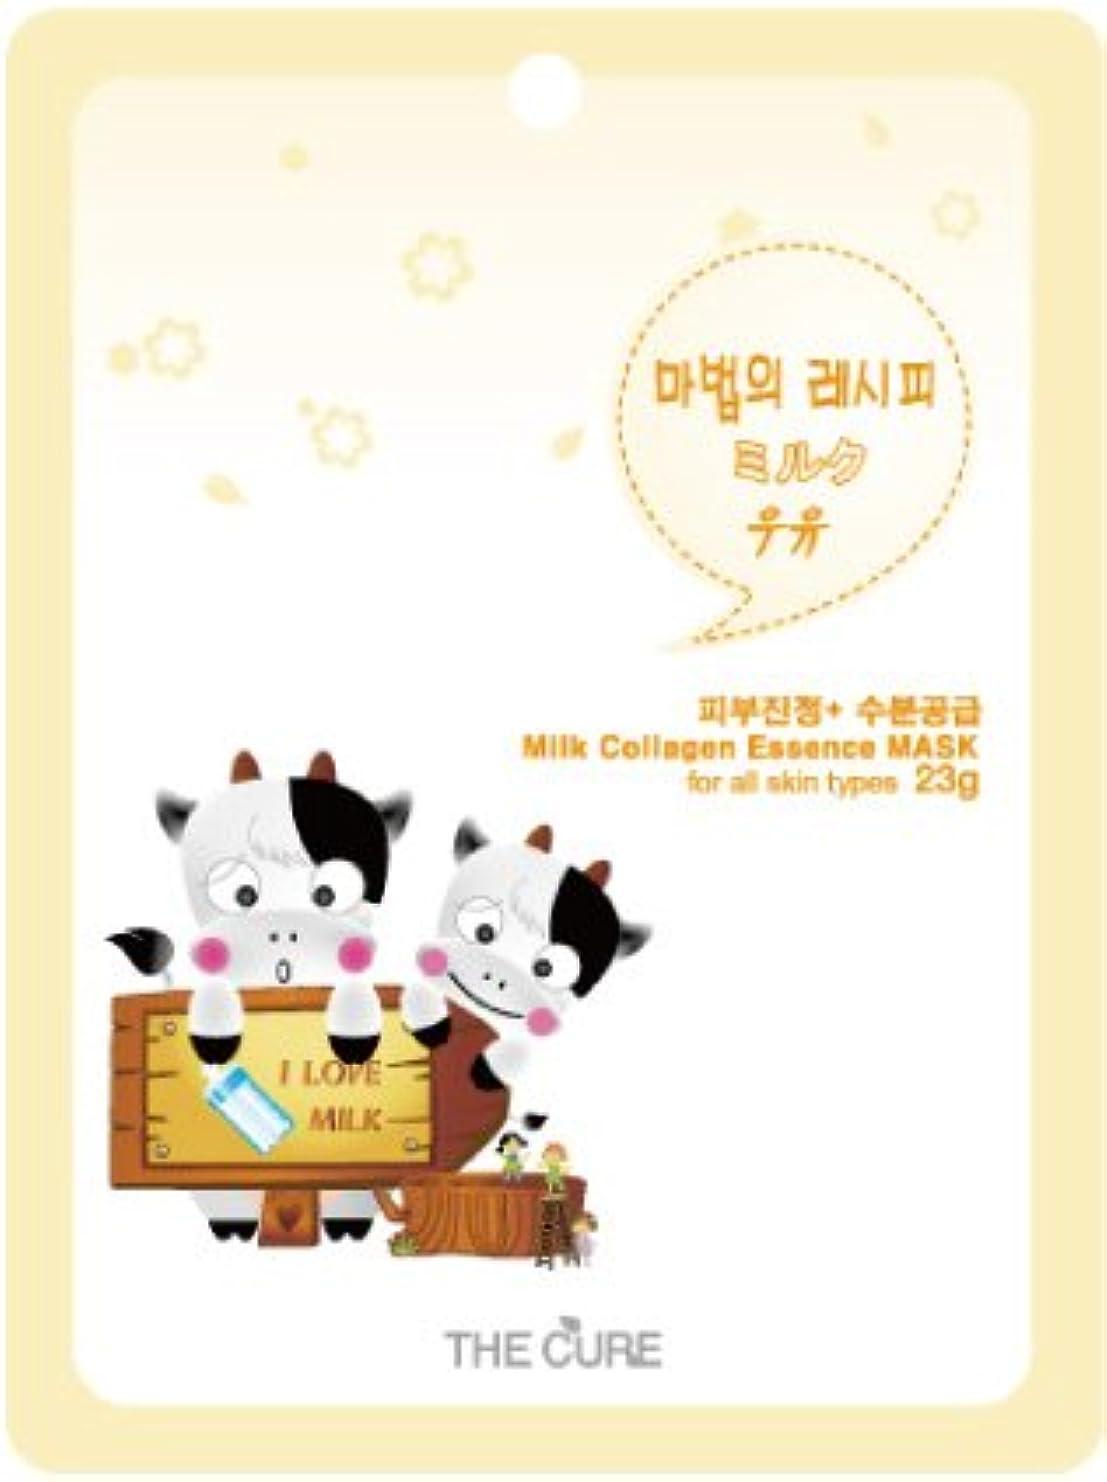 貢献する新しい意味北米ミルク コラーゲン エッセンス マスク THE CURE シート パック 10枚セット 韓国 コスメ 乾燥肌 オイリー肌 混合肌